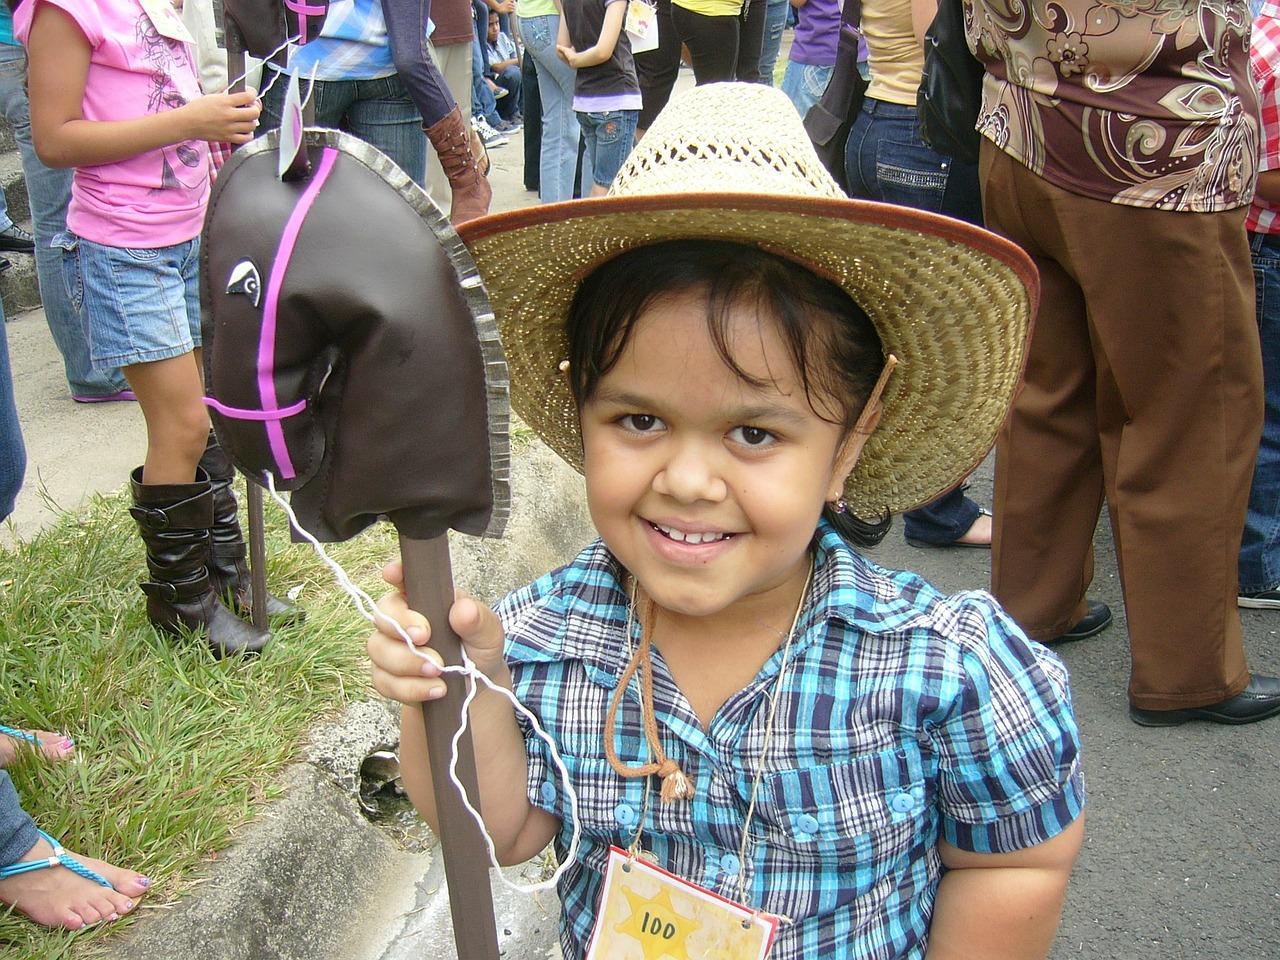 Fiestas Patrias International Parade on Saturday, September 14, 2019